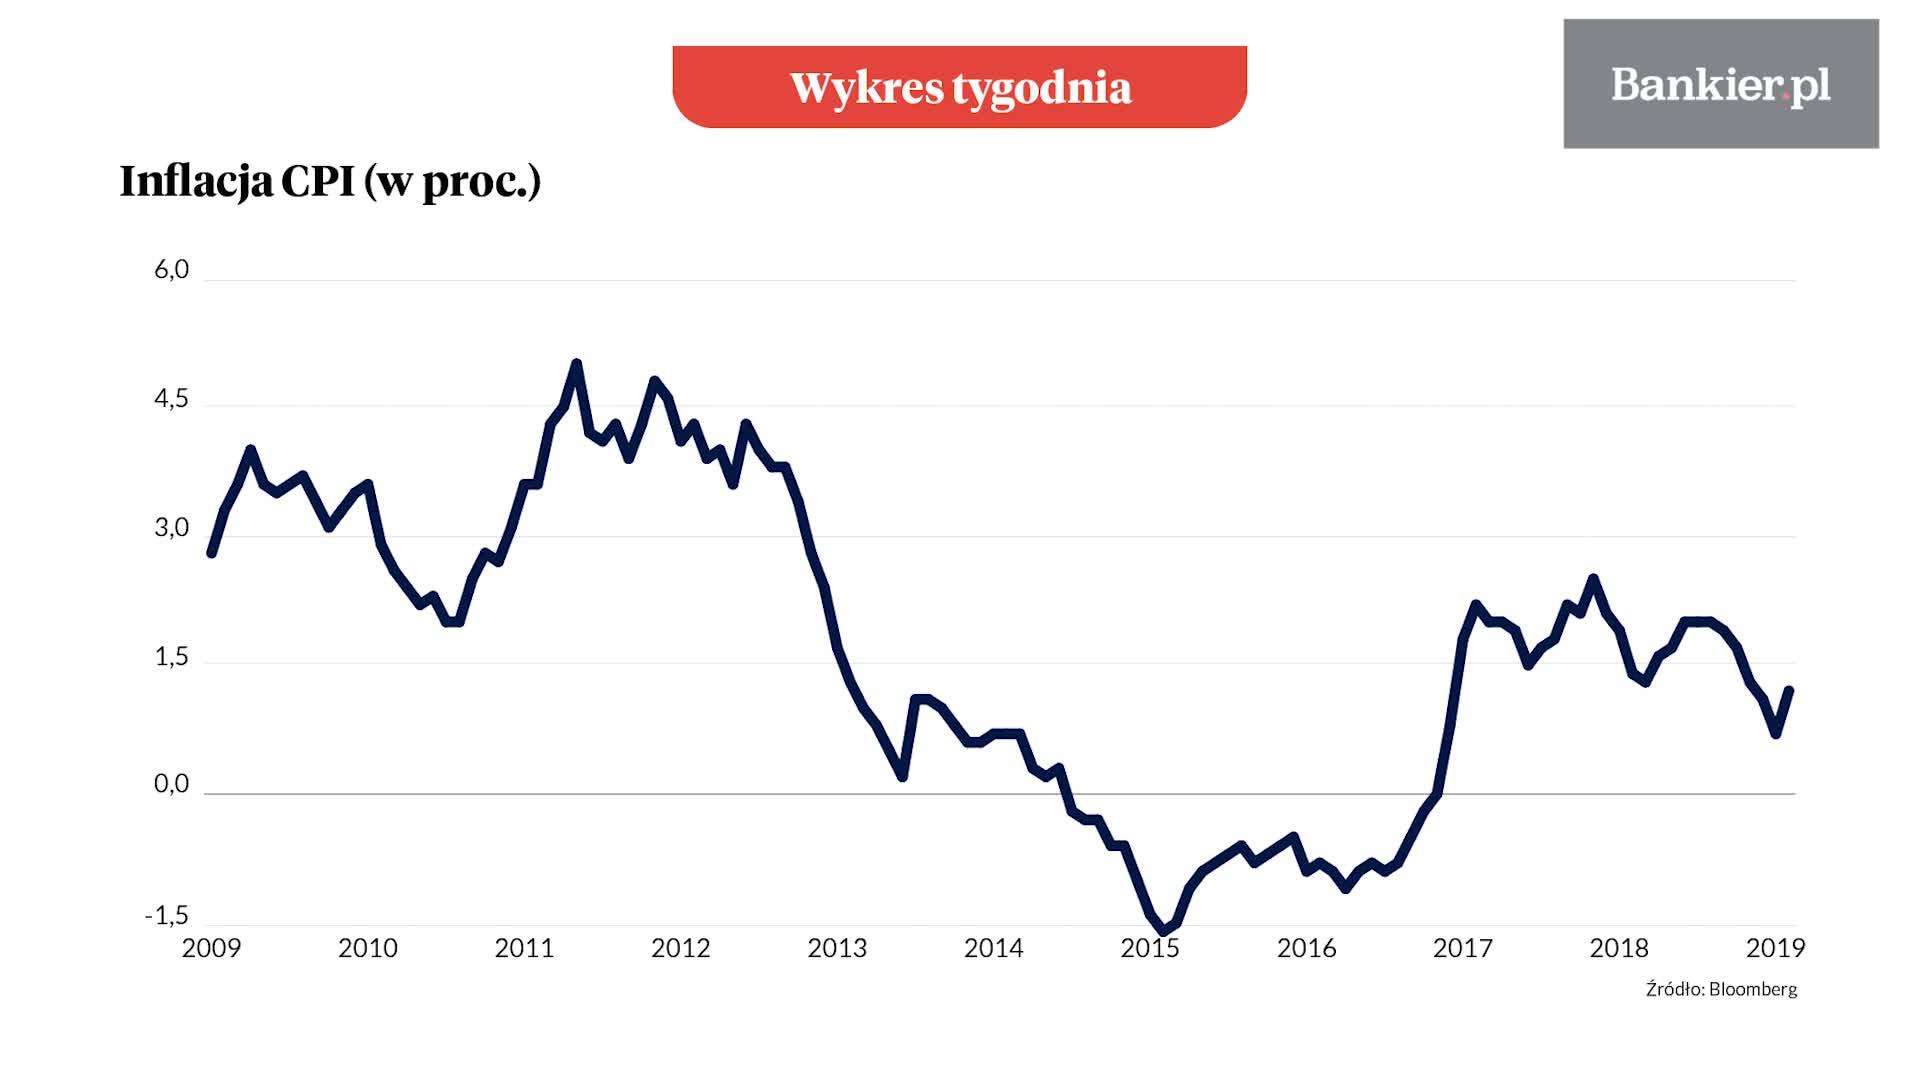 Wykres tygodnia: Inflacja CPI